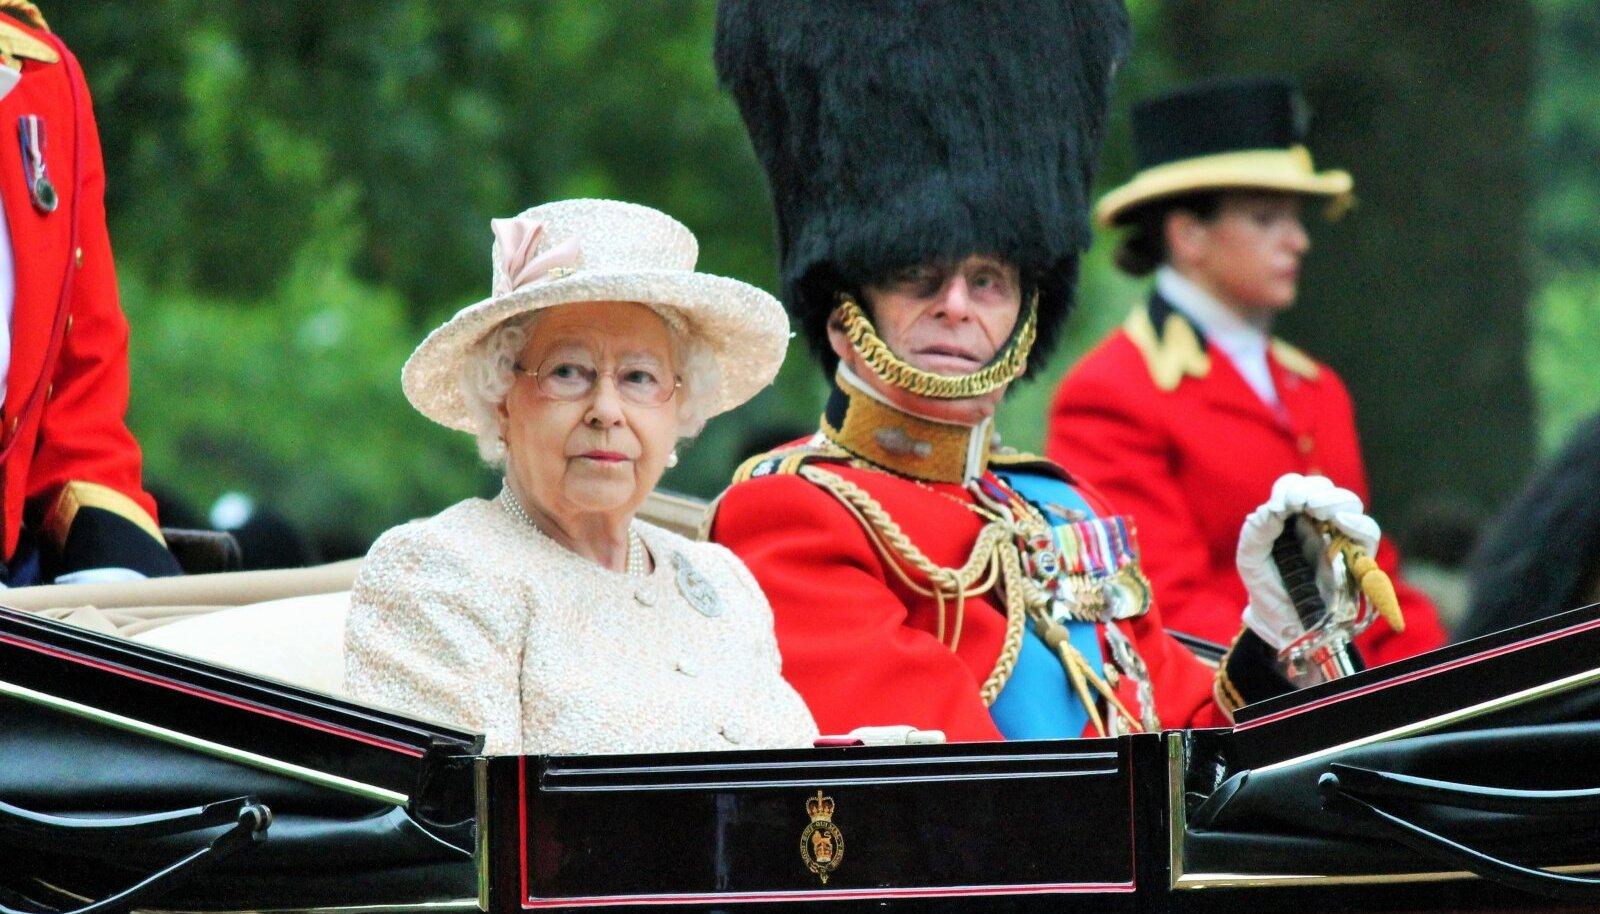 Kuninganna Elizabeth II ja prints Philip kuninganna sünnipäeval 13. juunil 2015. aastal.